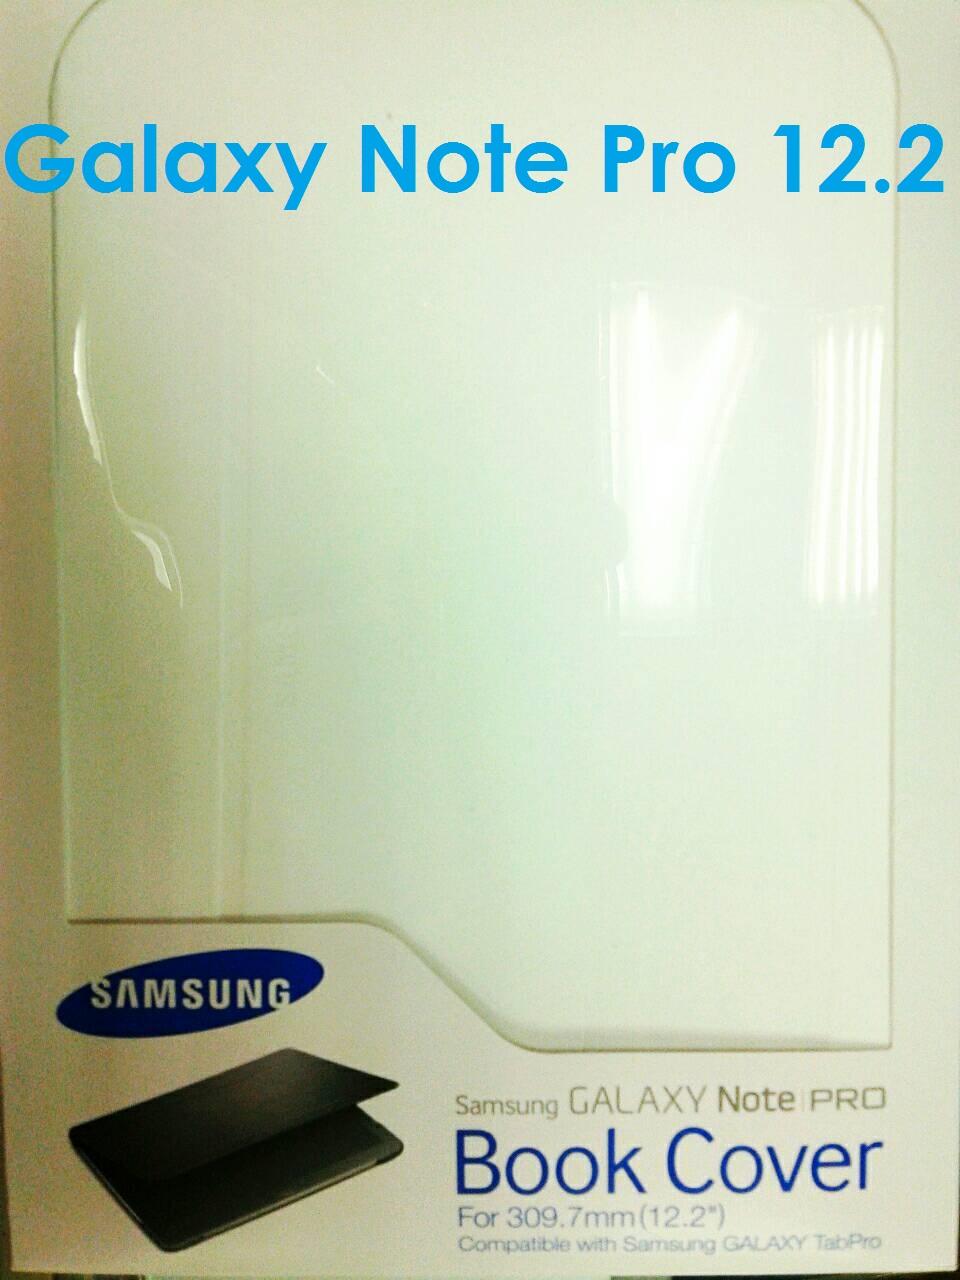 【原廠吊卡盒裝】三星 Samsung Galaxy NOTE PRO 12.2 (309.7mm) 原廠皮革書本式皮套 (白)